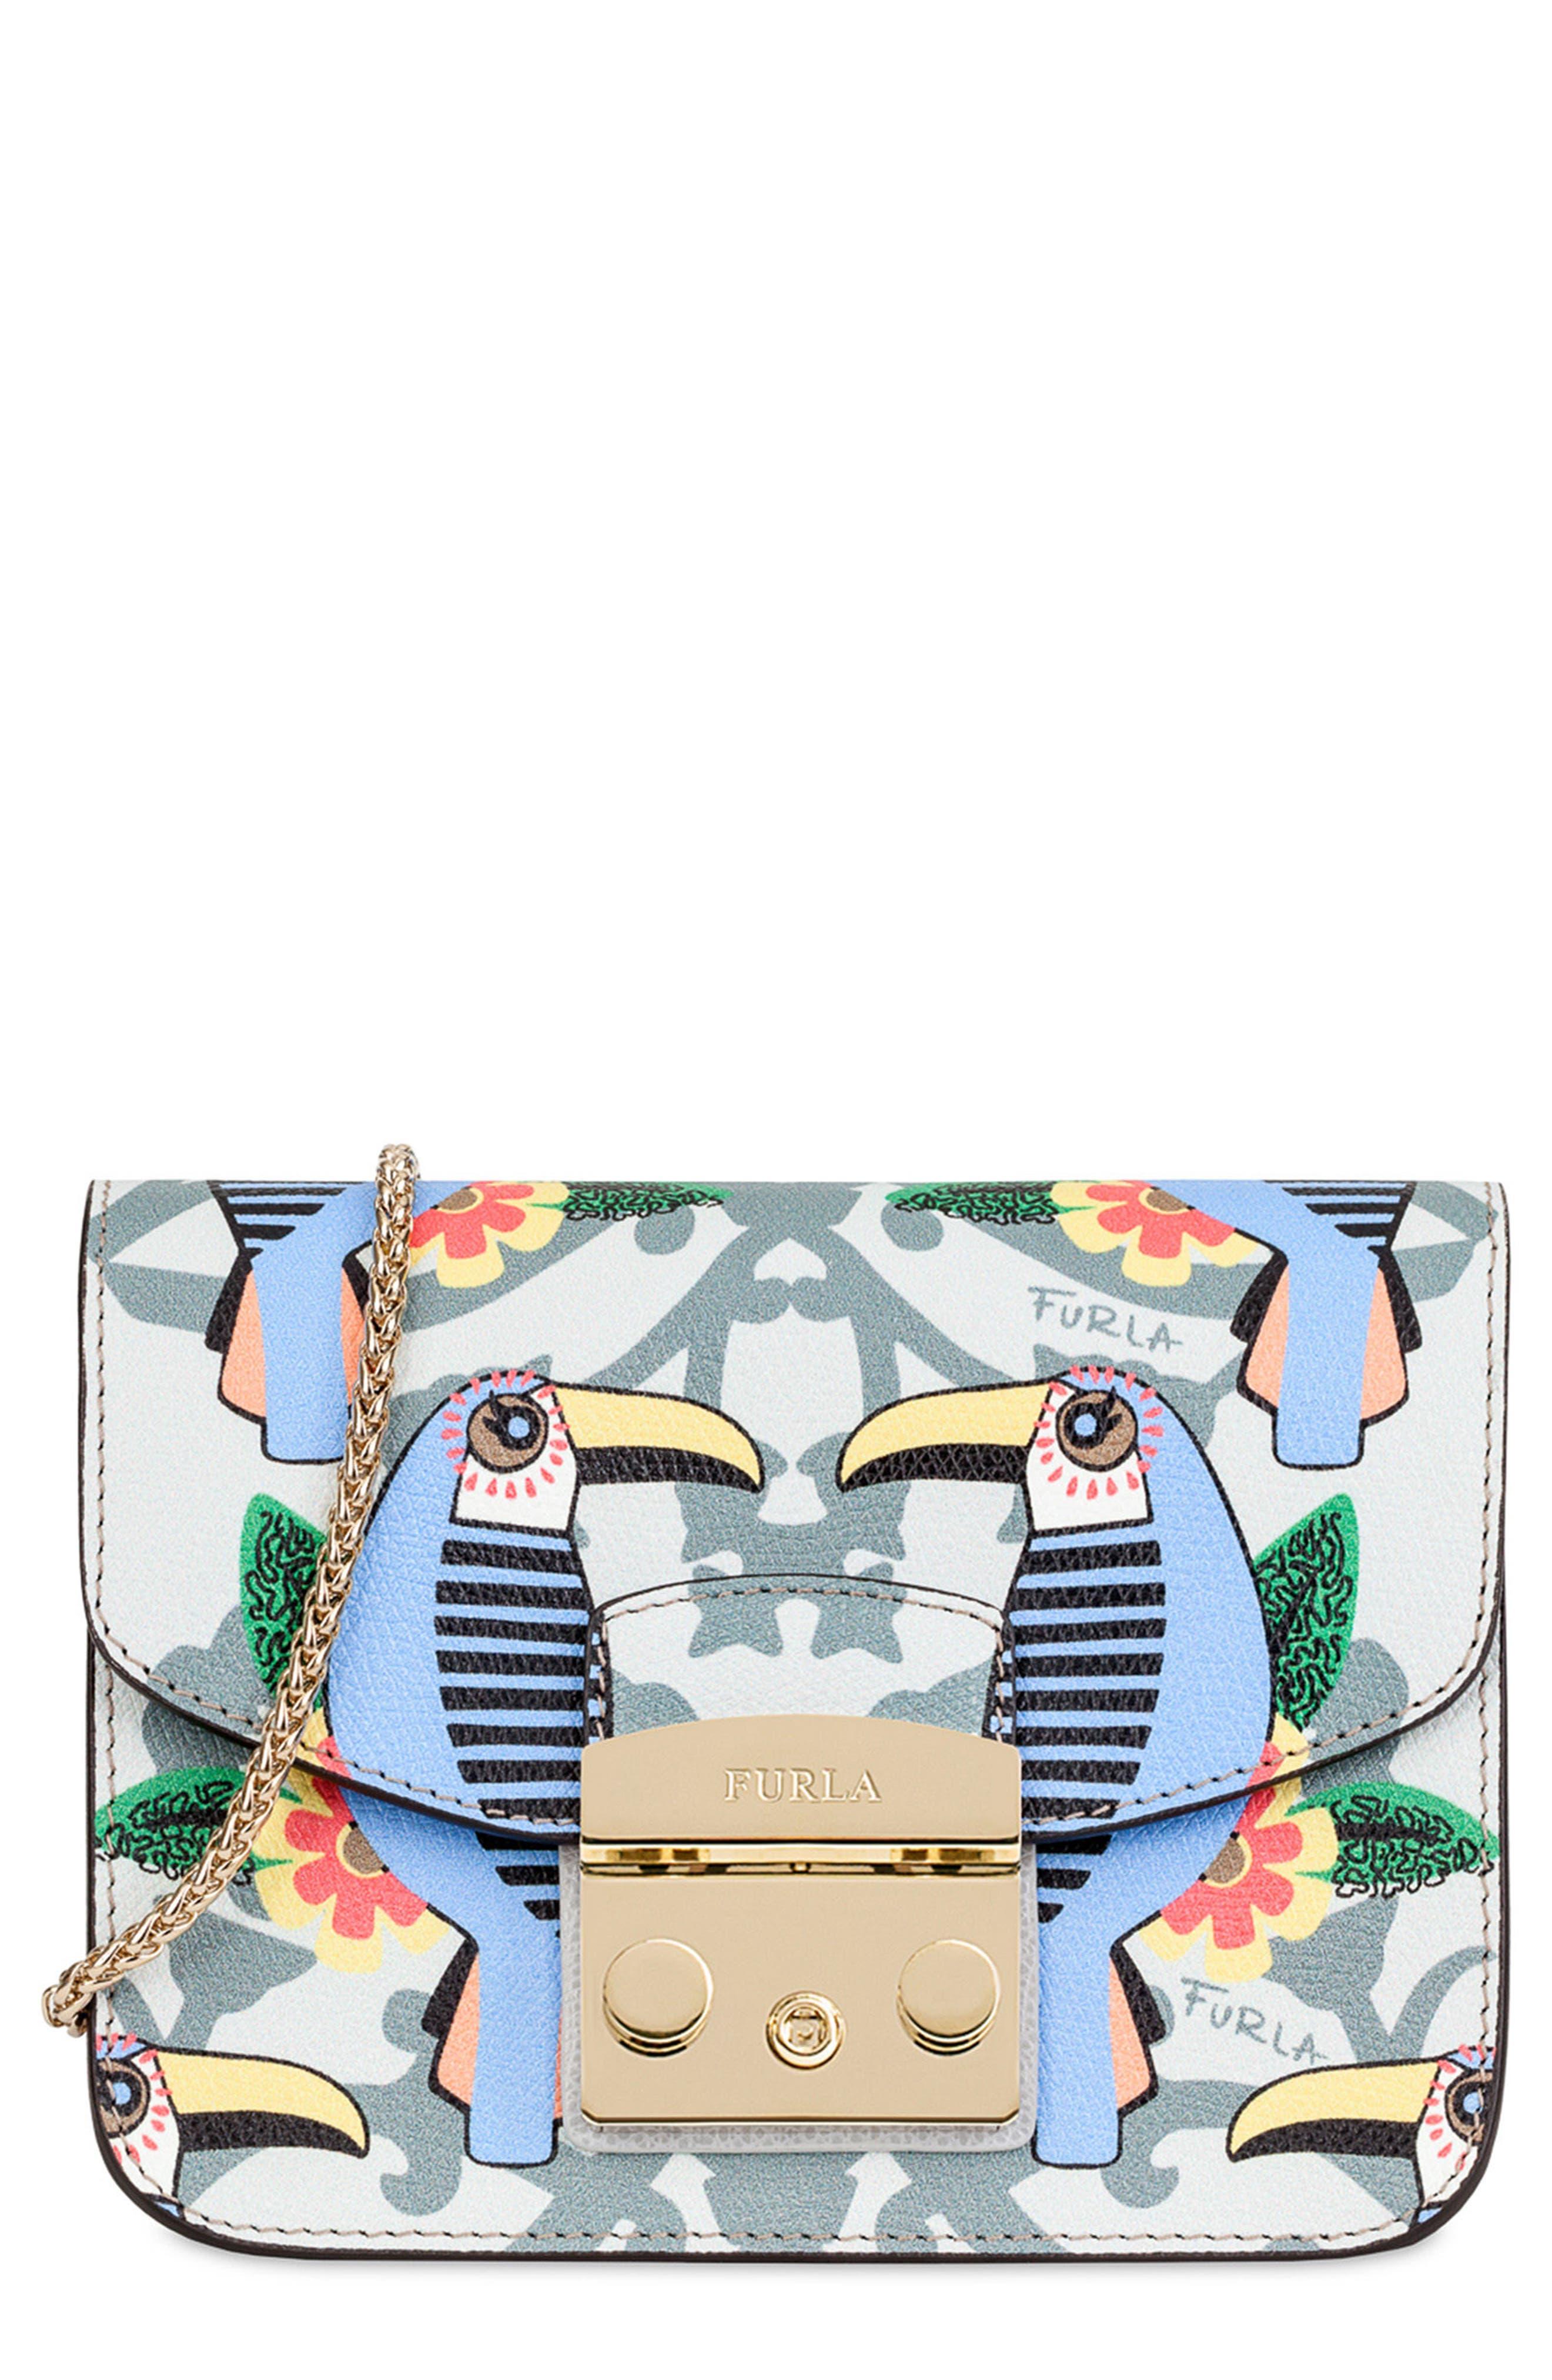 Alternate Image 1 Selected - Furla Mini Metropolis Print Leather Crossbody Bag